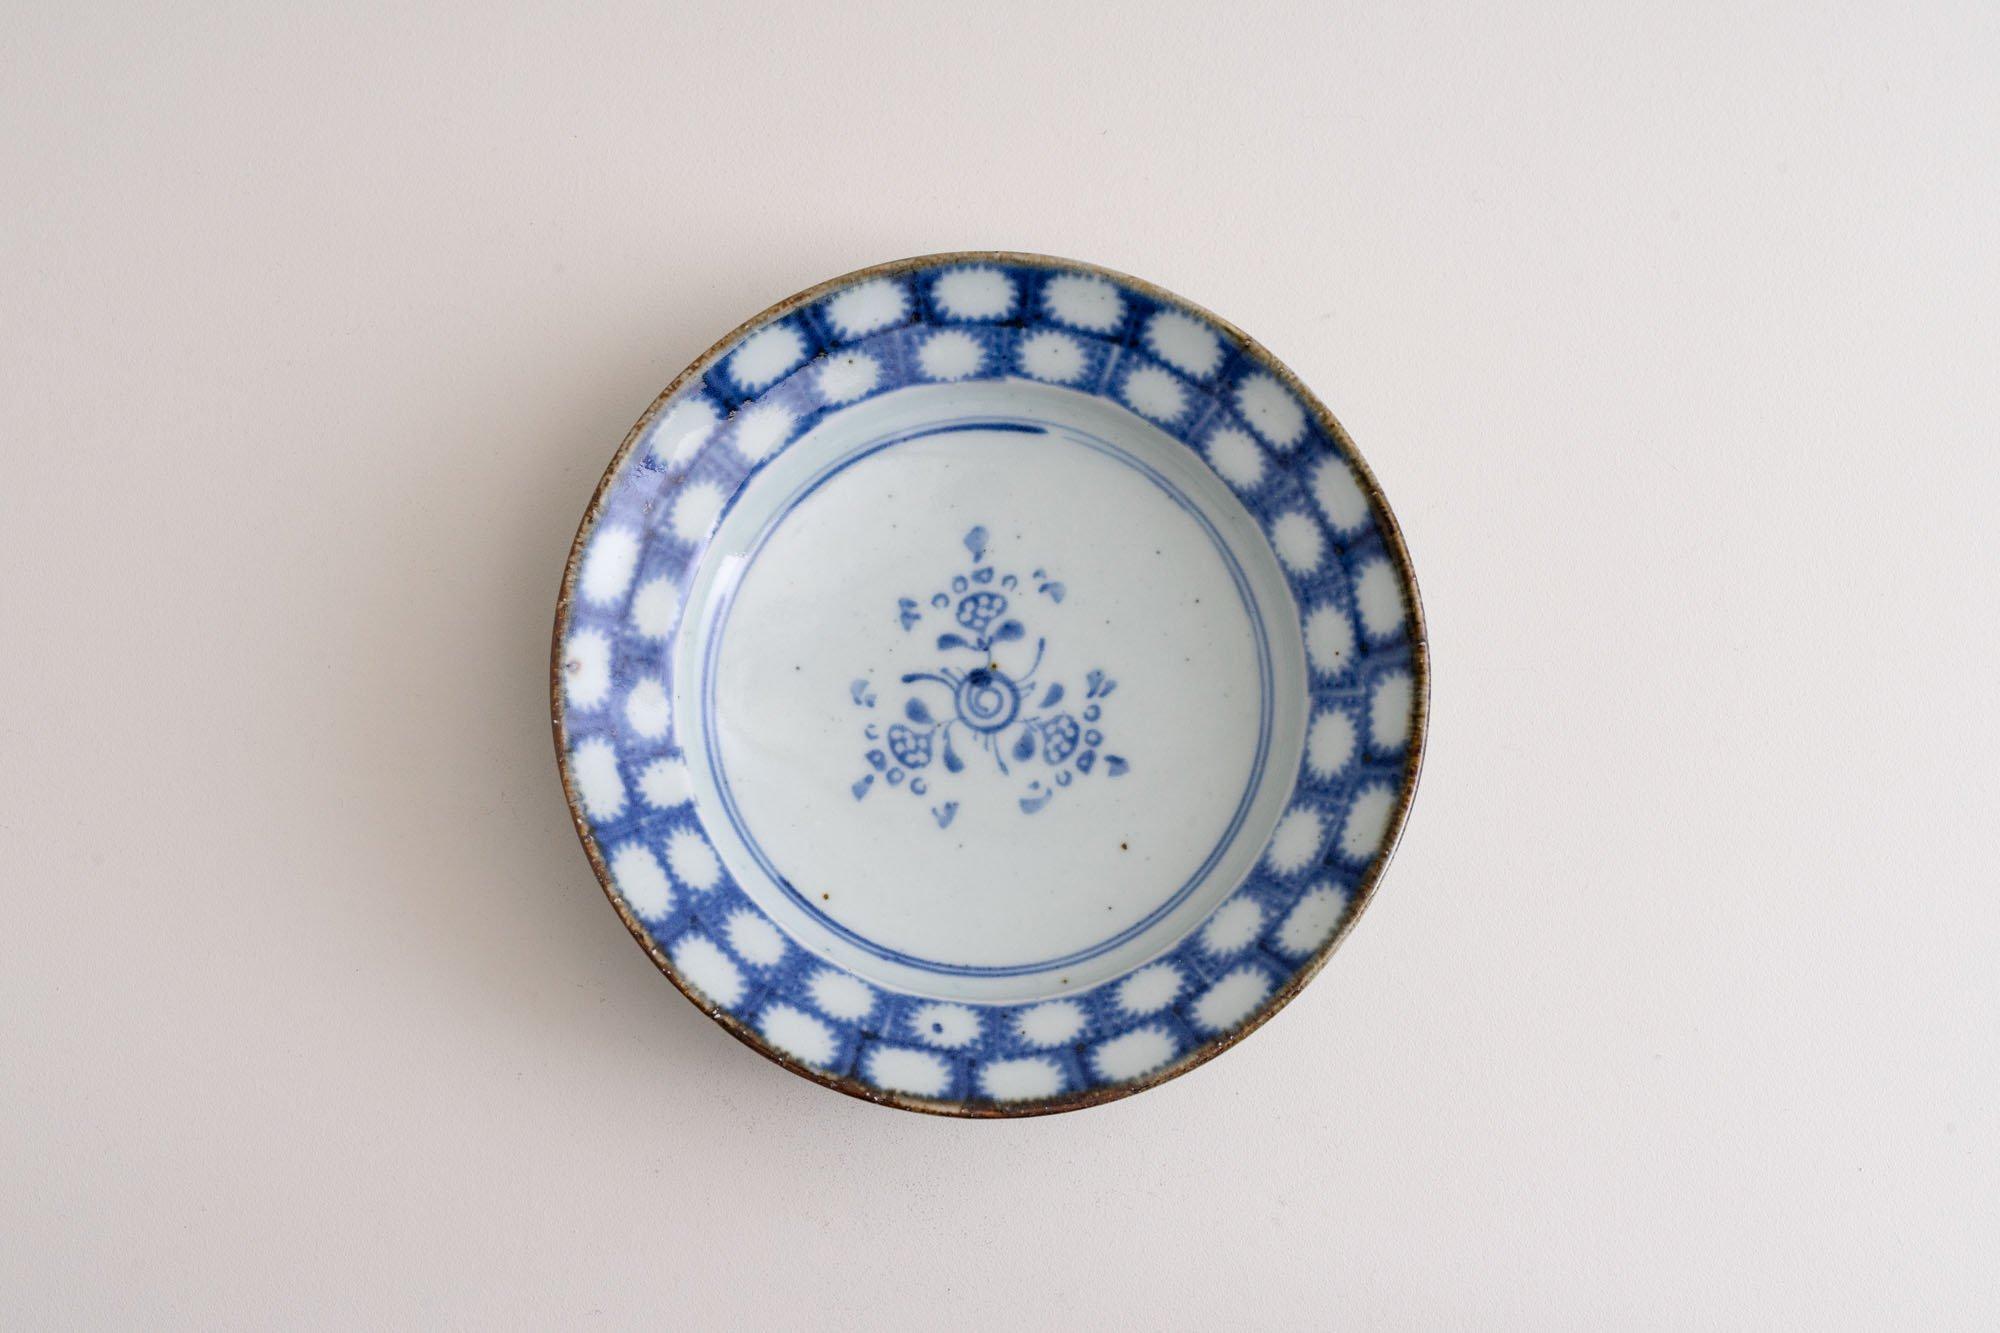 6寸リム皿(オナモミ・見込文)B